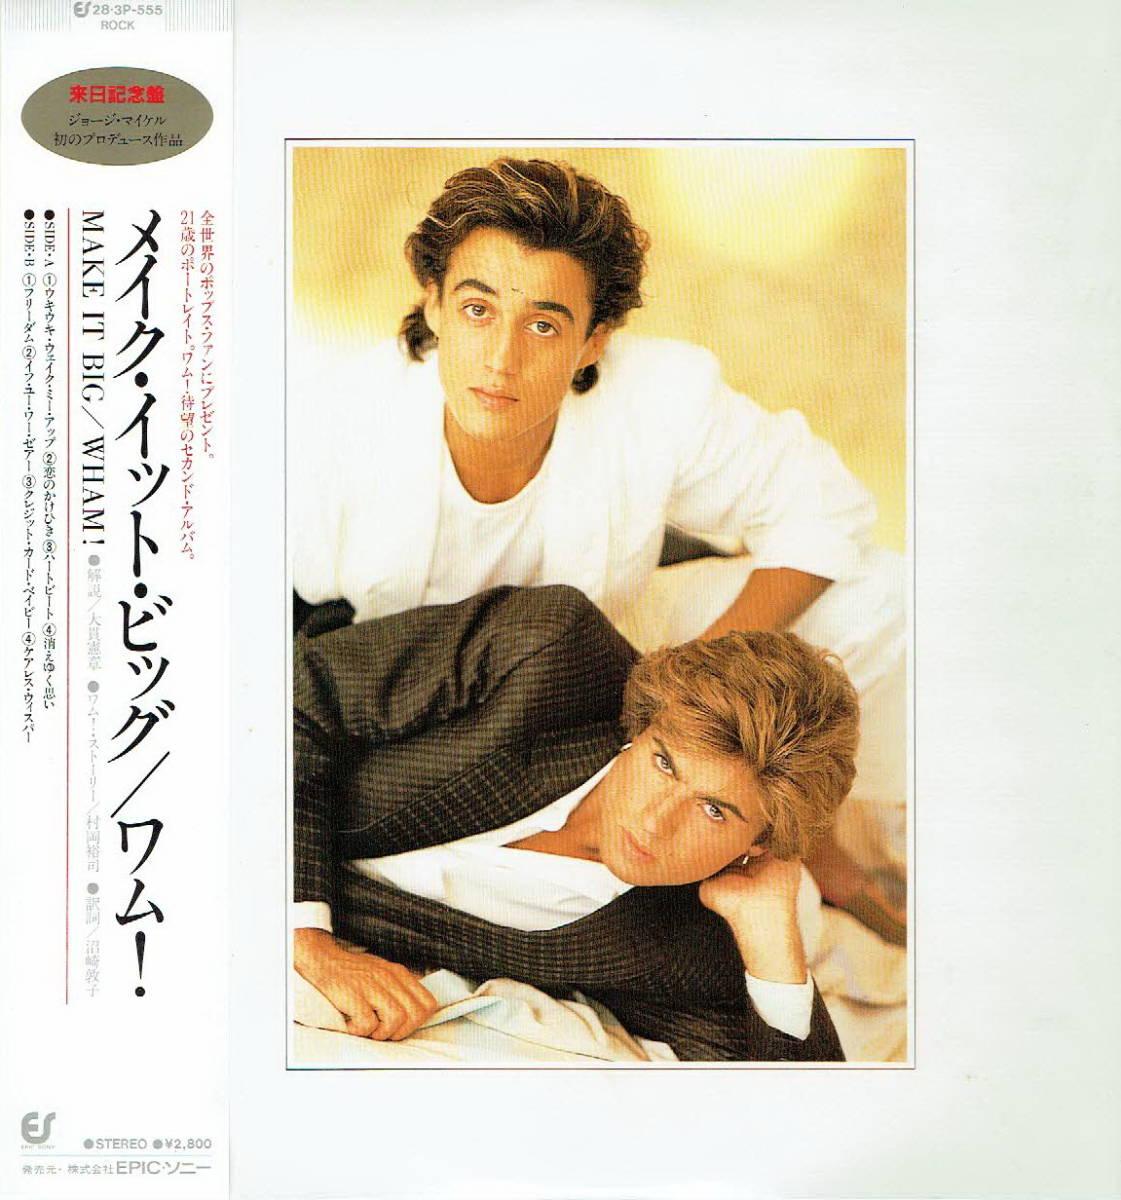 国内盤LP~日本語ライナー付き盤傷無し美品。帯付きほぼ新品同様「メイク・イット・ビッグ」ワム!_画像1